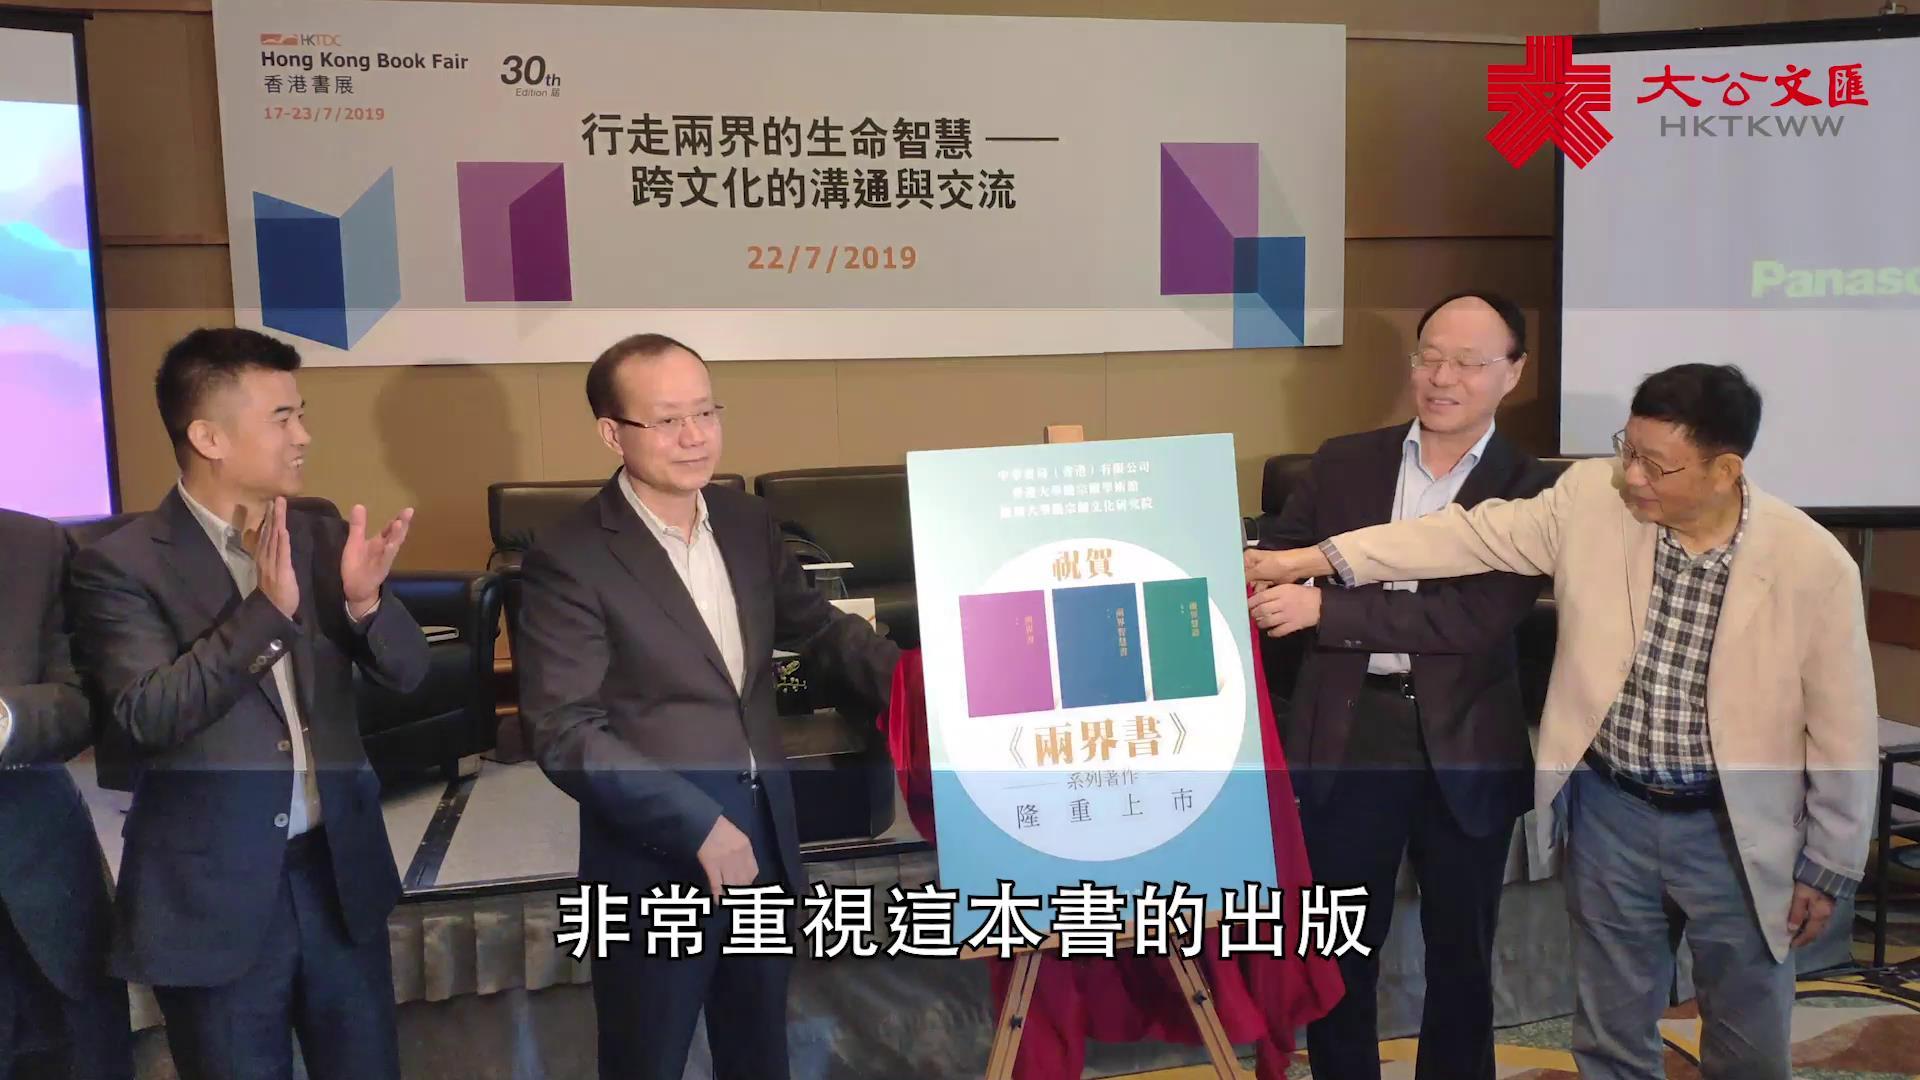 香港書展:士爾¡m兩界書¡n 文化哲學系列著作在港發布